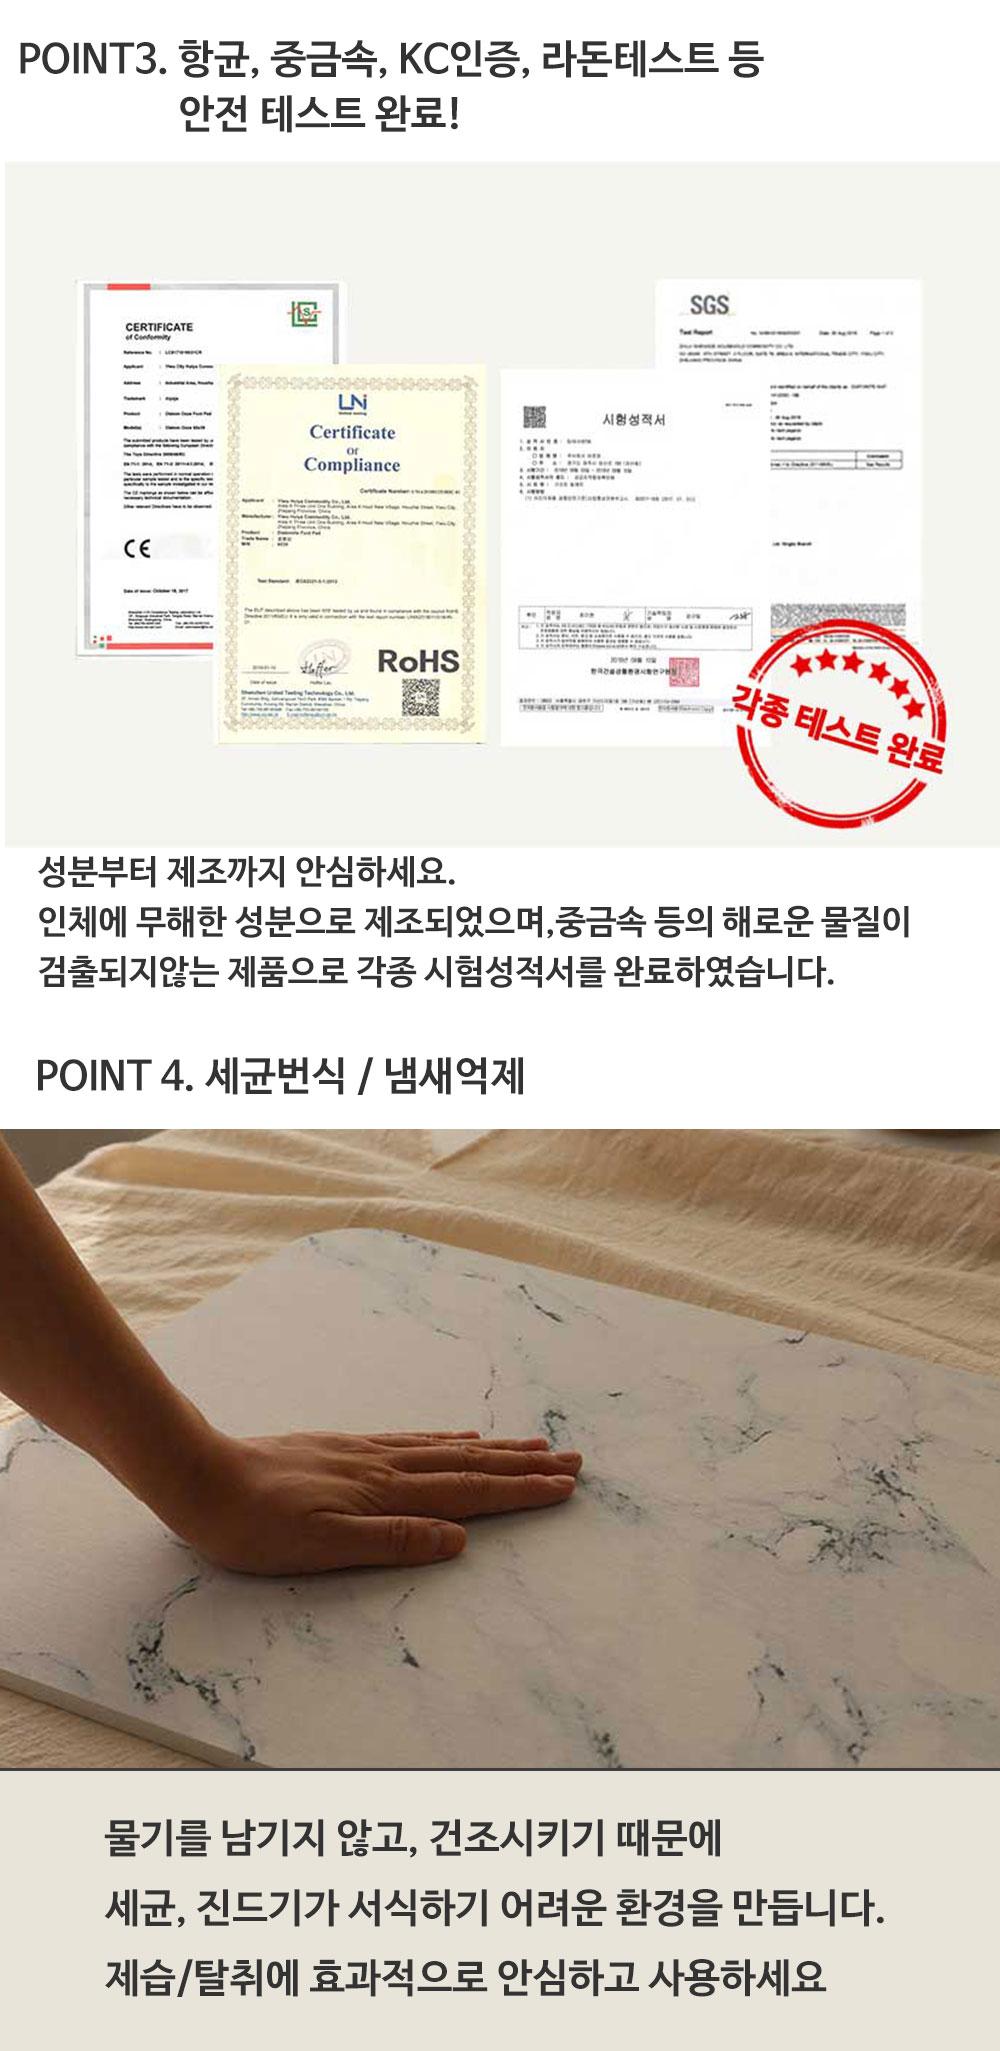 02_point_3.jpg